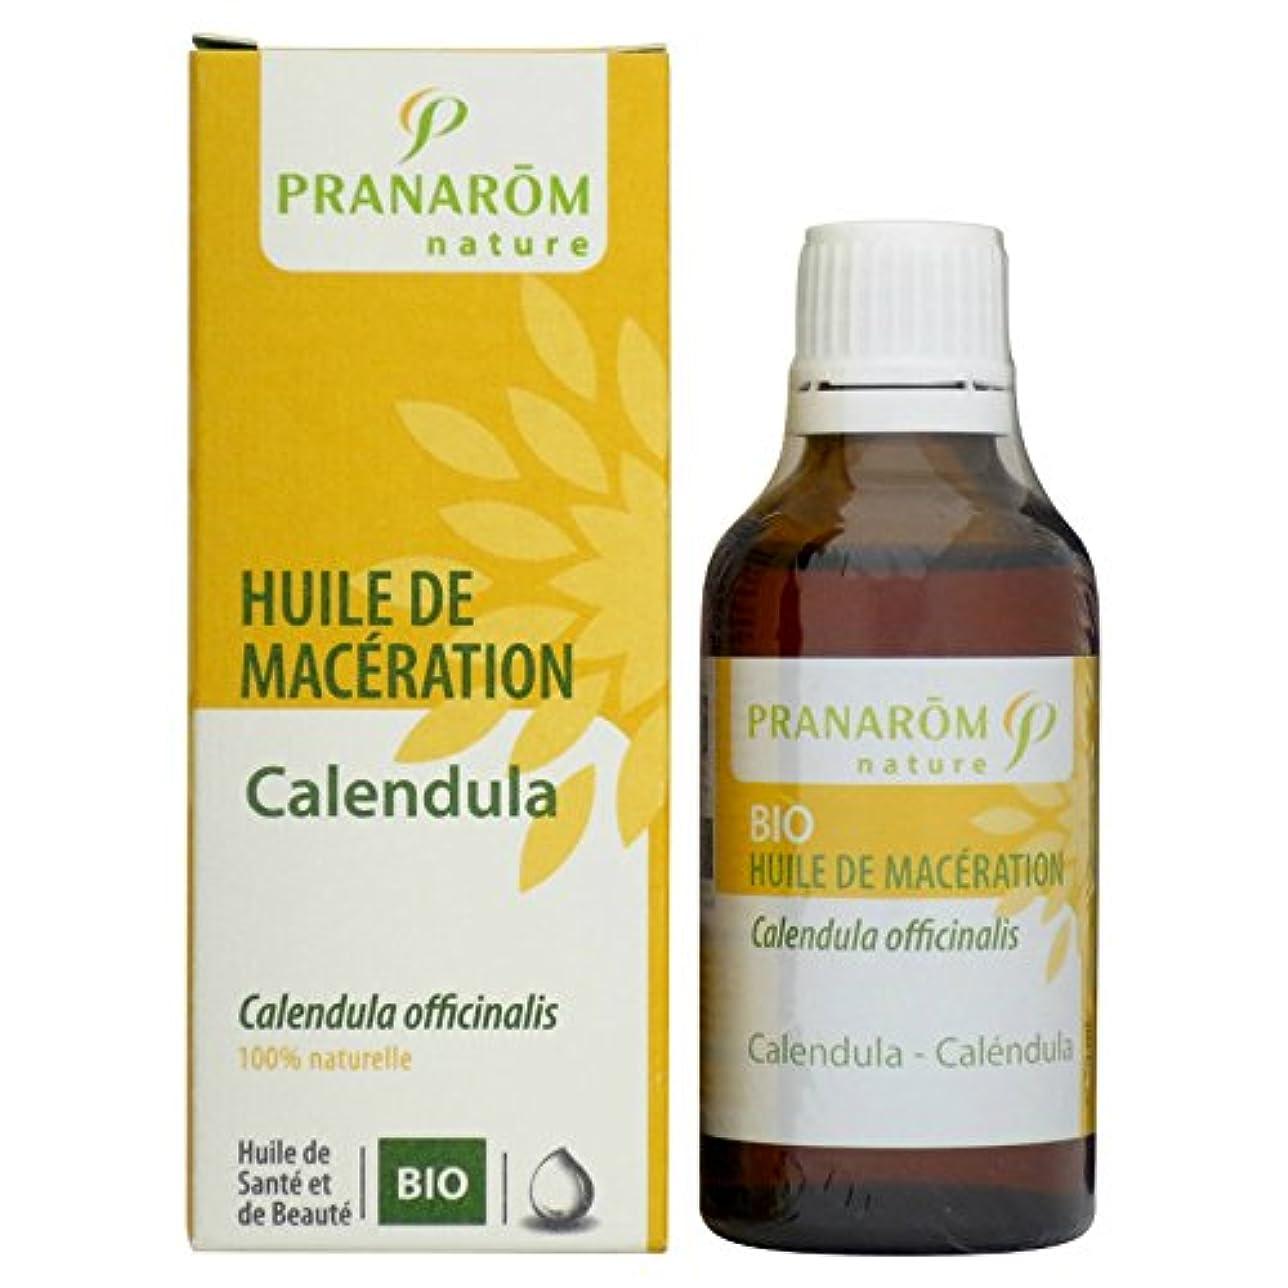 数学的な素晴らしき本質的にプラナロム カレンデュラオイル 50ml (PRANAROM 植物油)